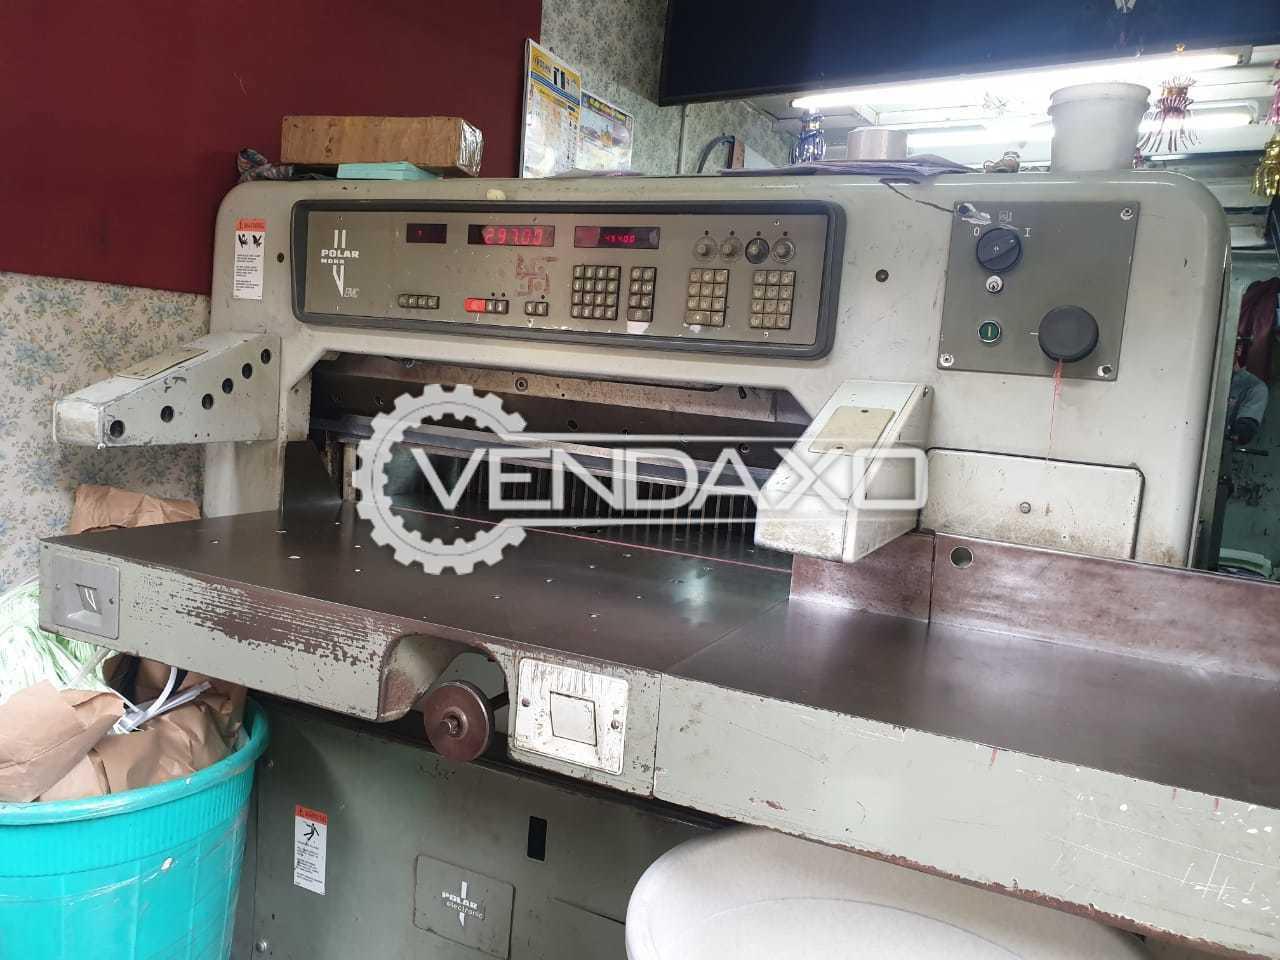 Polar Mohr 92 EMC Paper Cutting Machine - 36 Inch